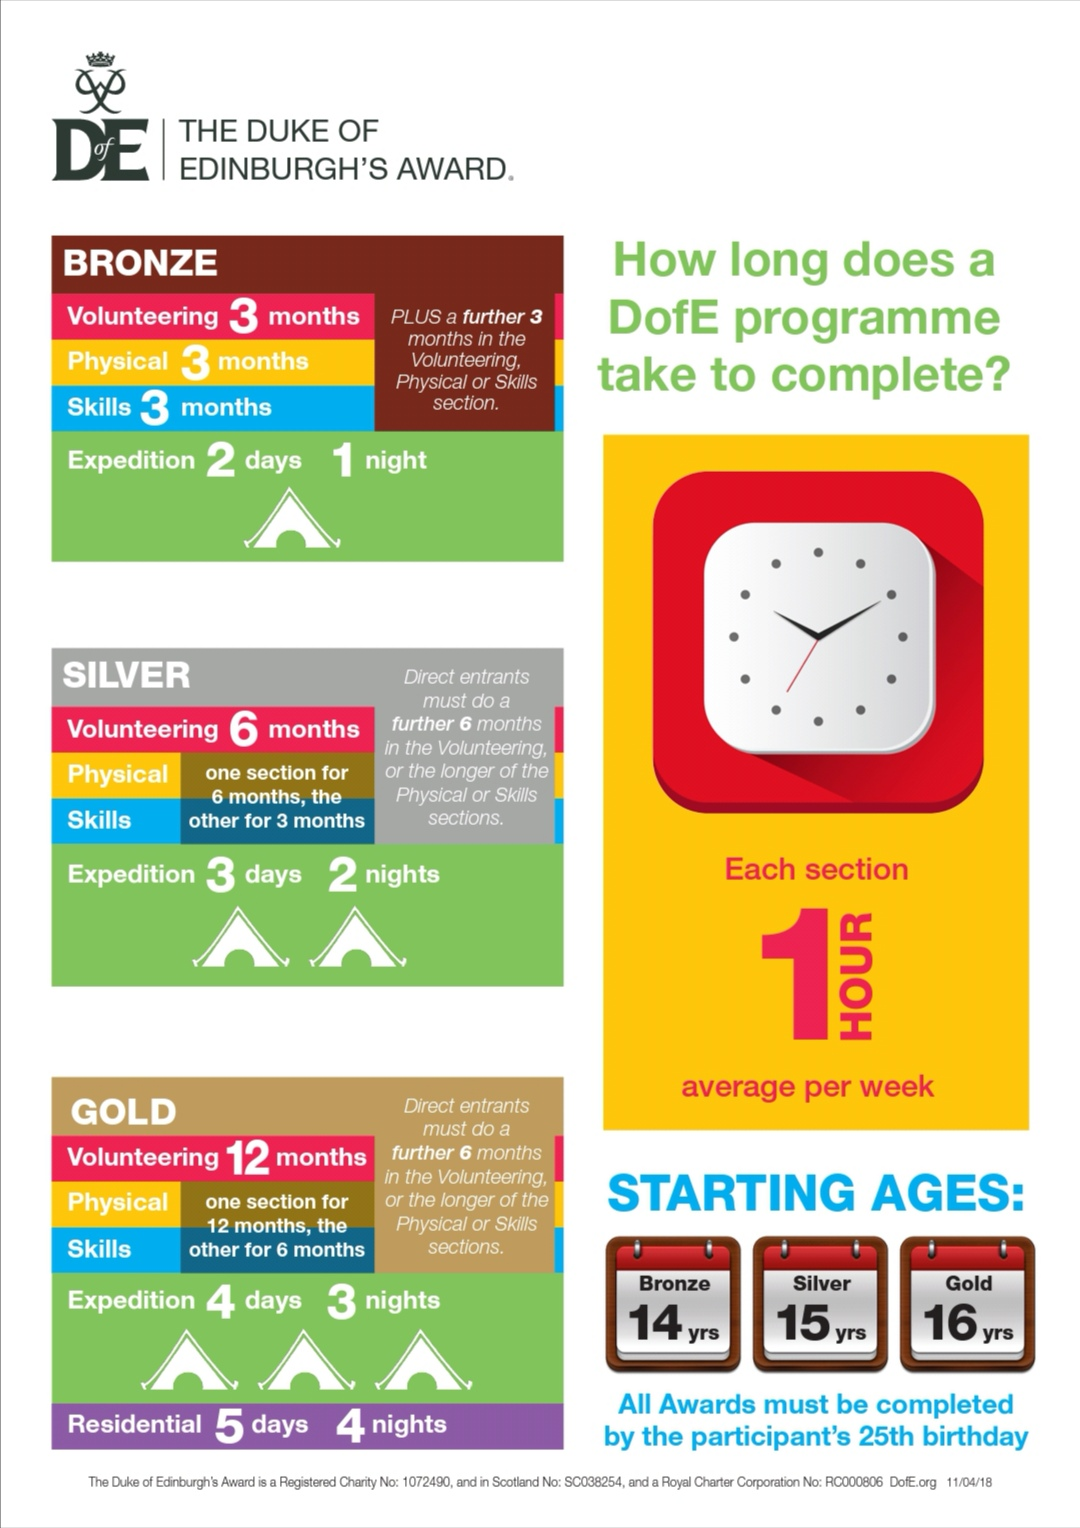 Summary of DofE timescales